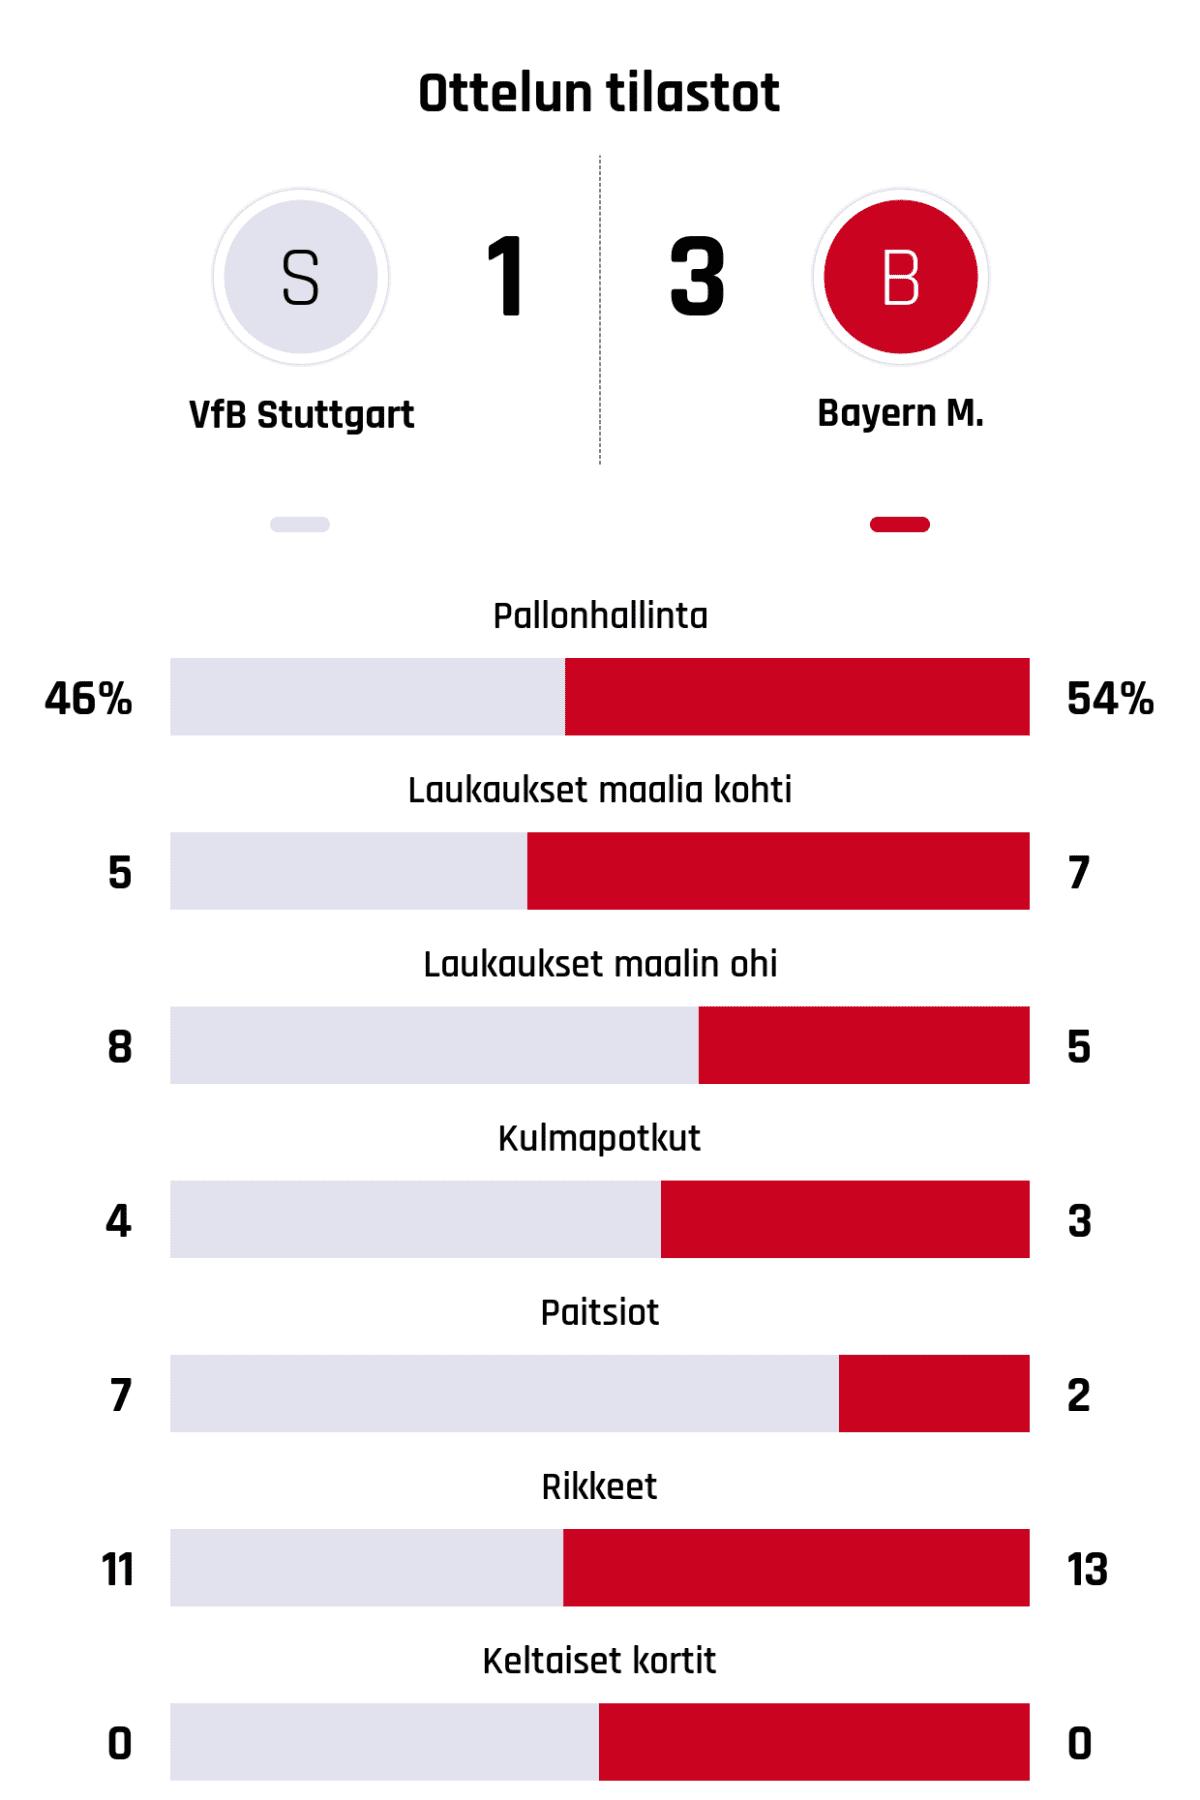 Pallonhallinta 46%-54% Laukaukset maalia kohti 5-7 Laukaukset maalin ohi 8-5 Kulmapotkut 4-3 Paitsiot 7-2 Rikkeet 11-13 Keltaiset kortit 0-0